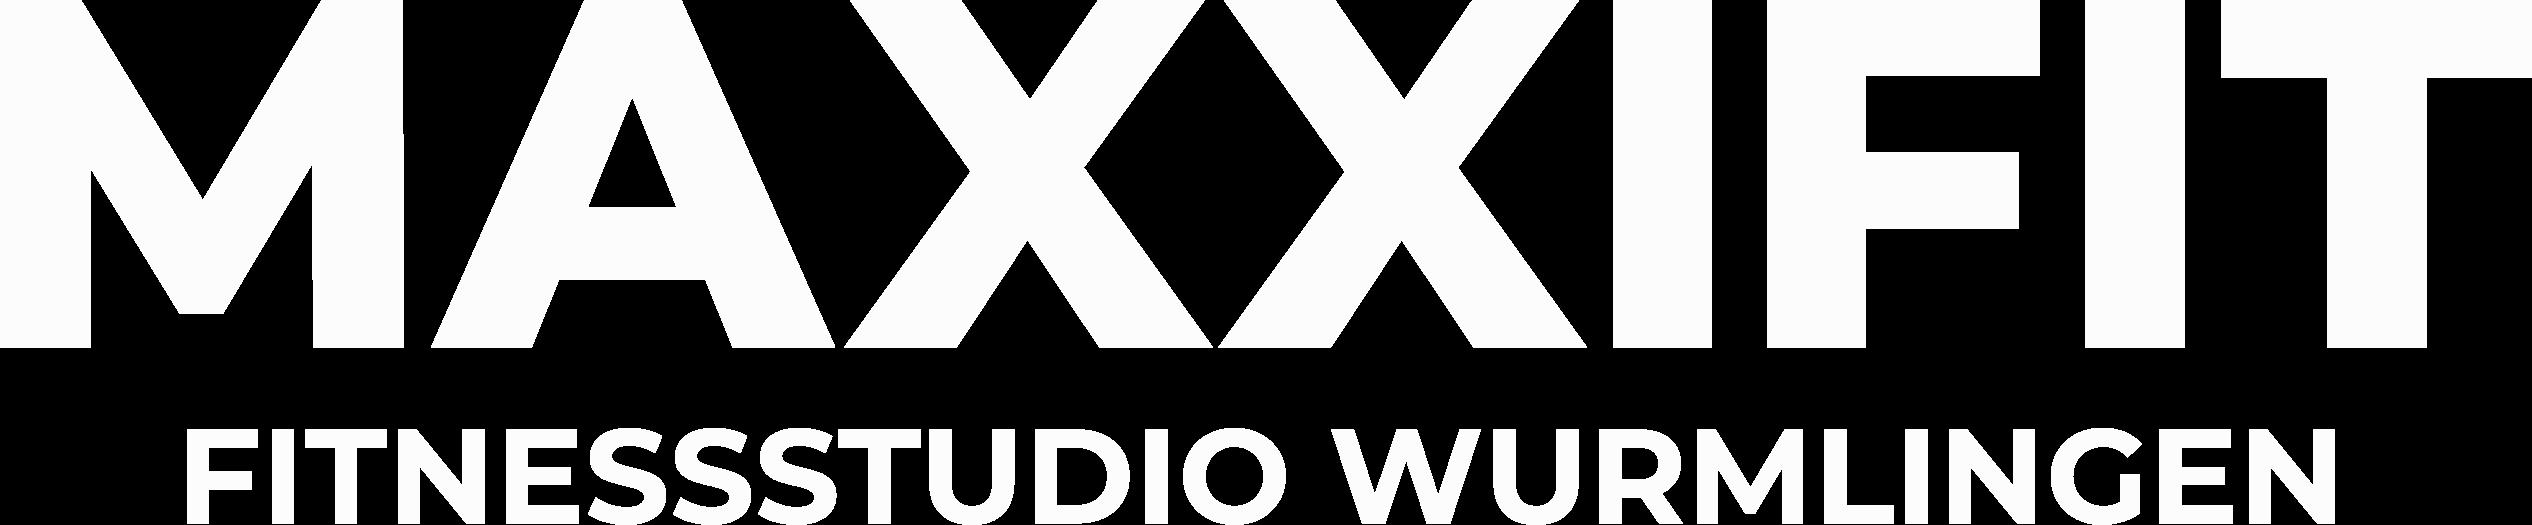 MAXXIFIT Wurmlingen